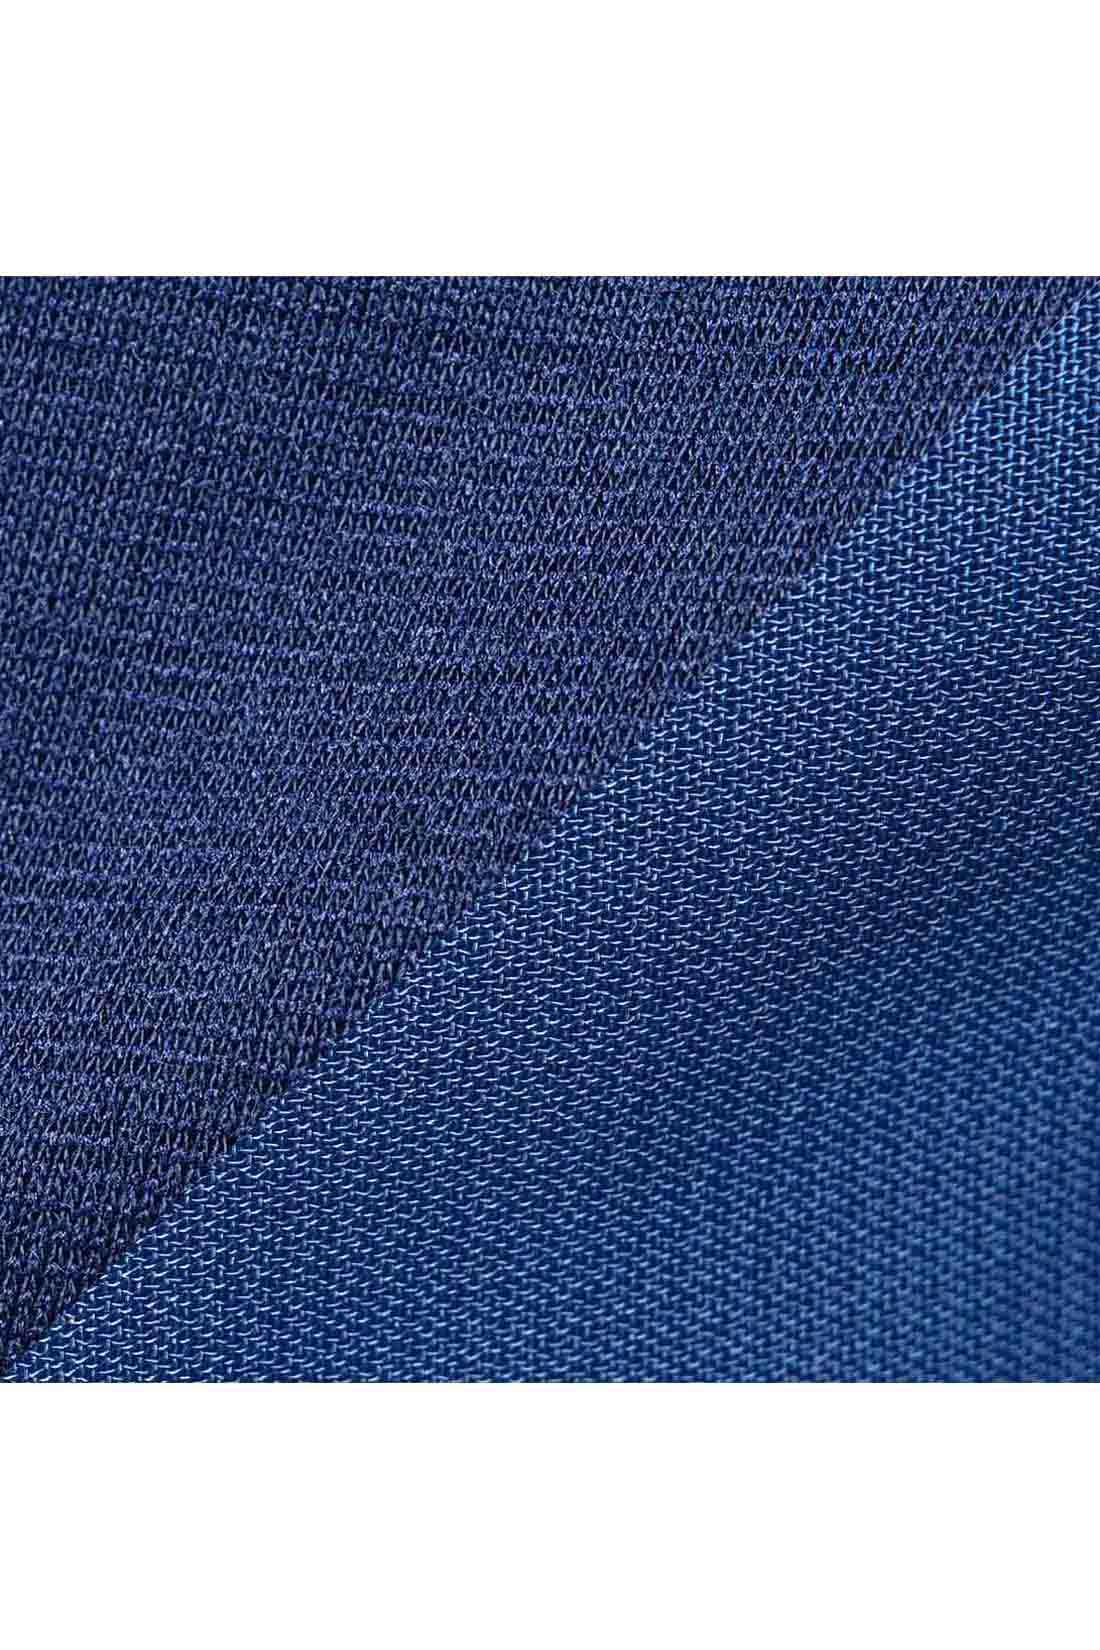 カットソー×シフォンをワントーンで。 カットソーはとろみ感がある上質なポンチ素材。リボンと袖はシアーなシフォン素材。